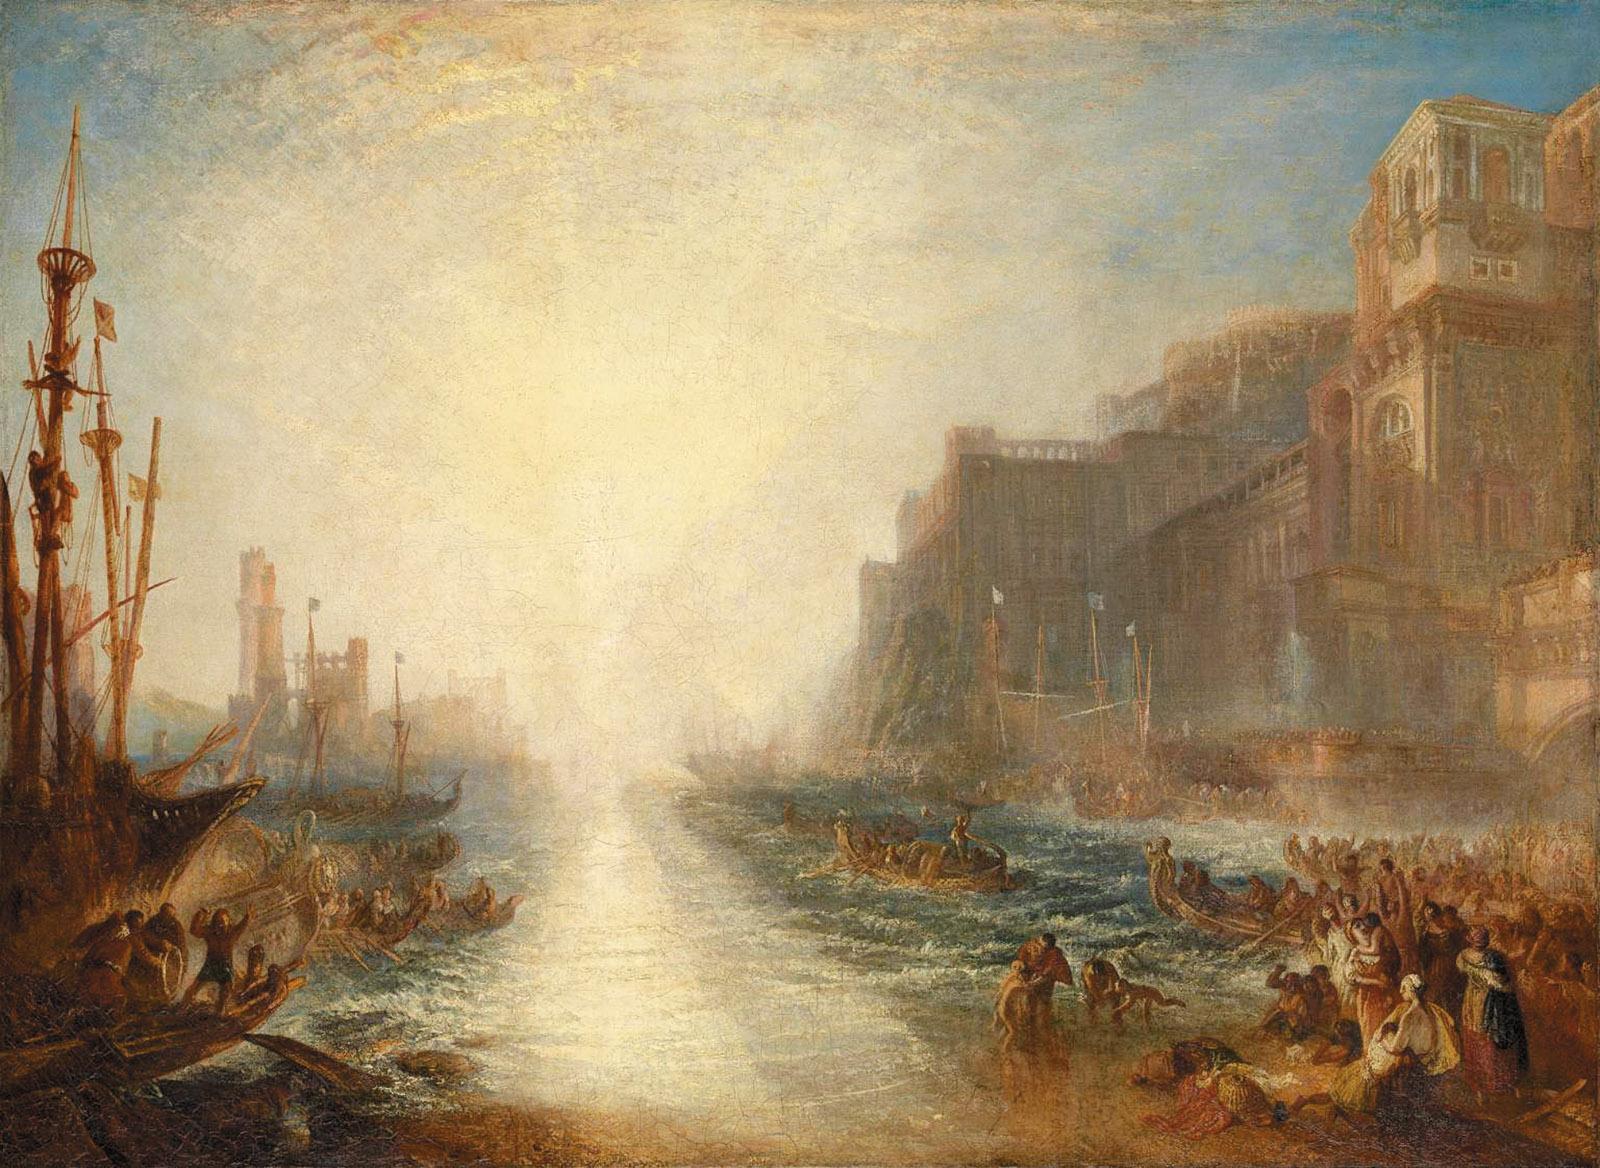 J.M.W. Turner: Regulus, 1828/1837